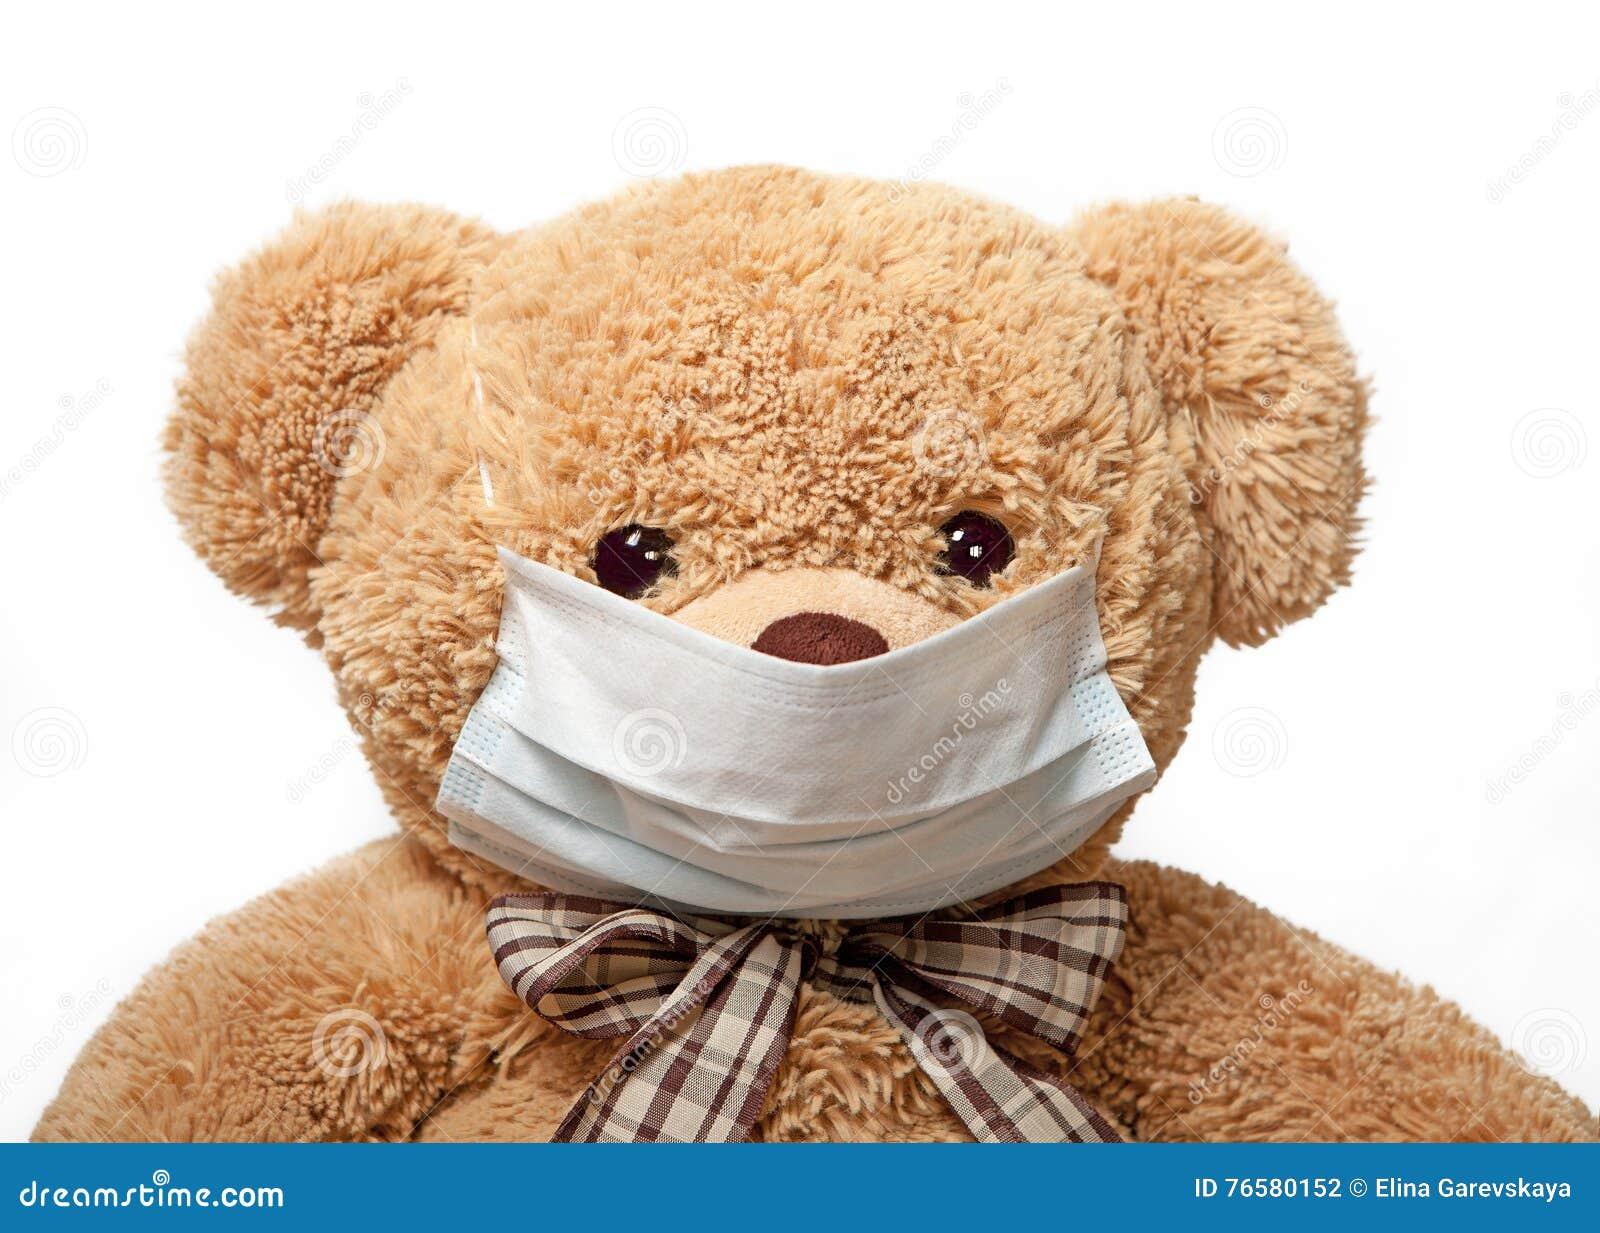 Плюшевый медвежонок в медицинской маске